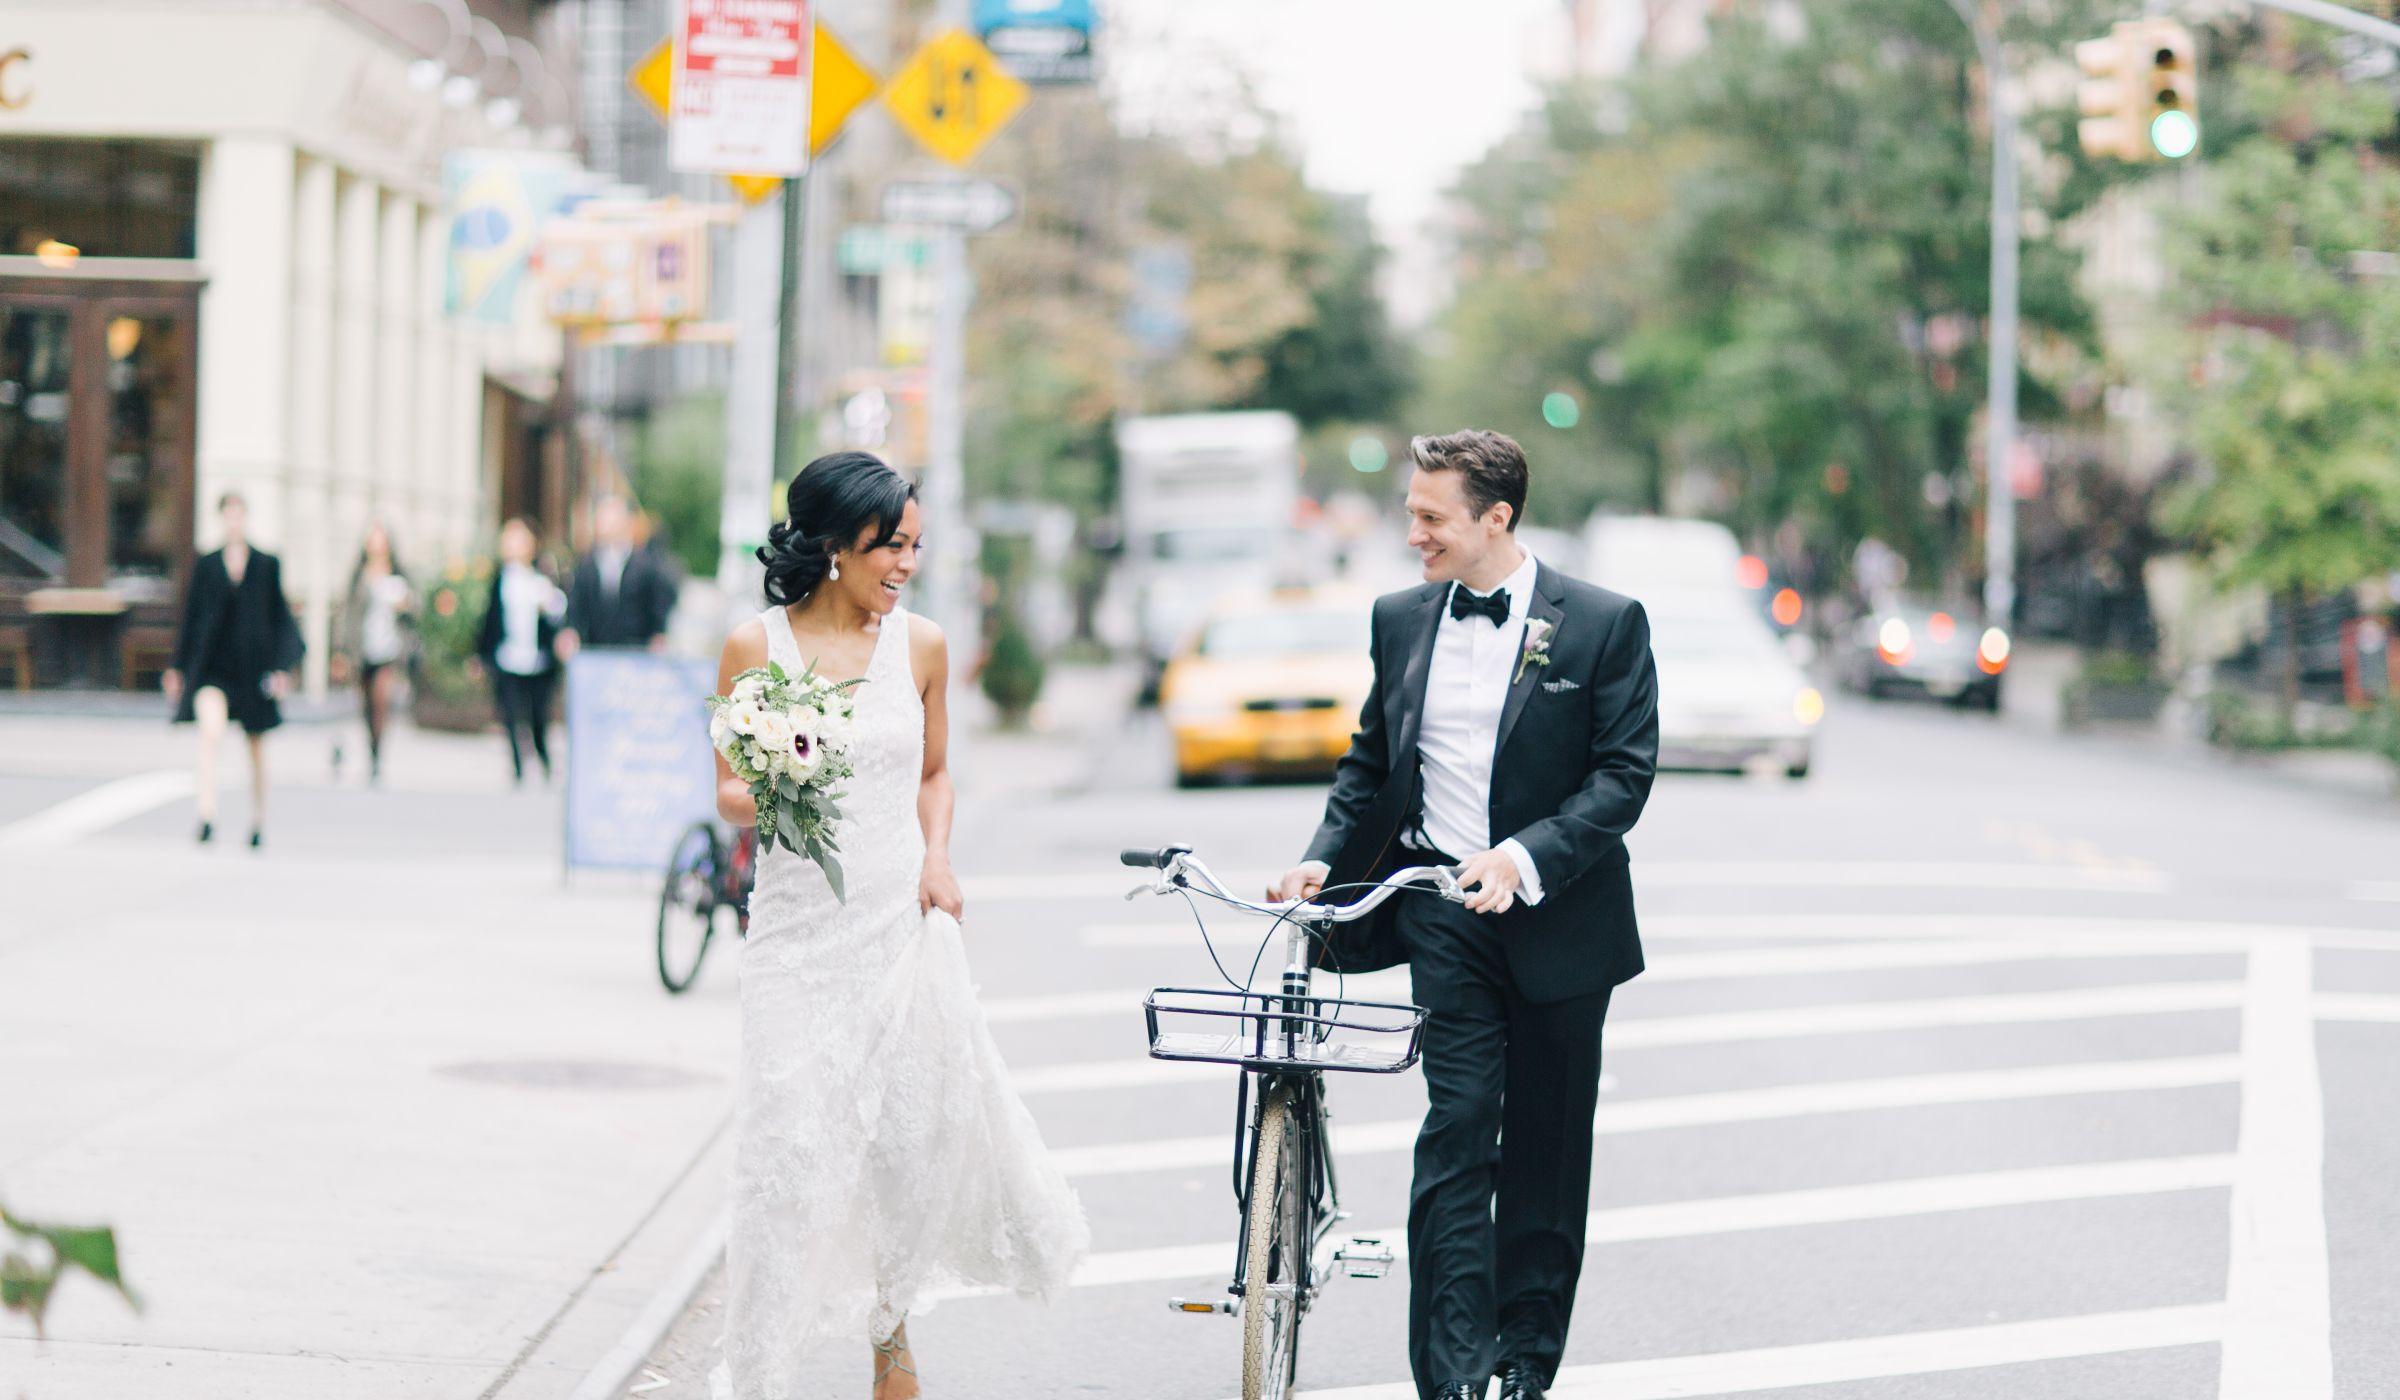 wedding tipping guide - weddingwire